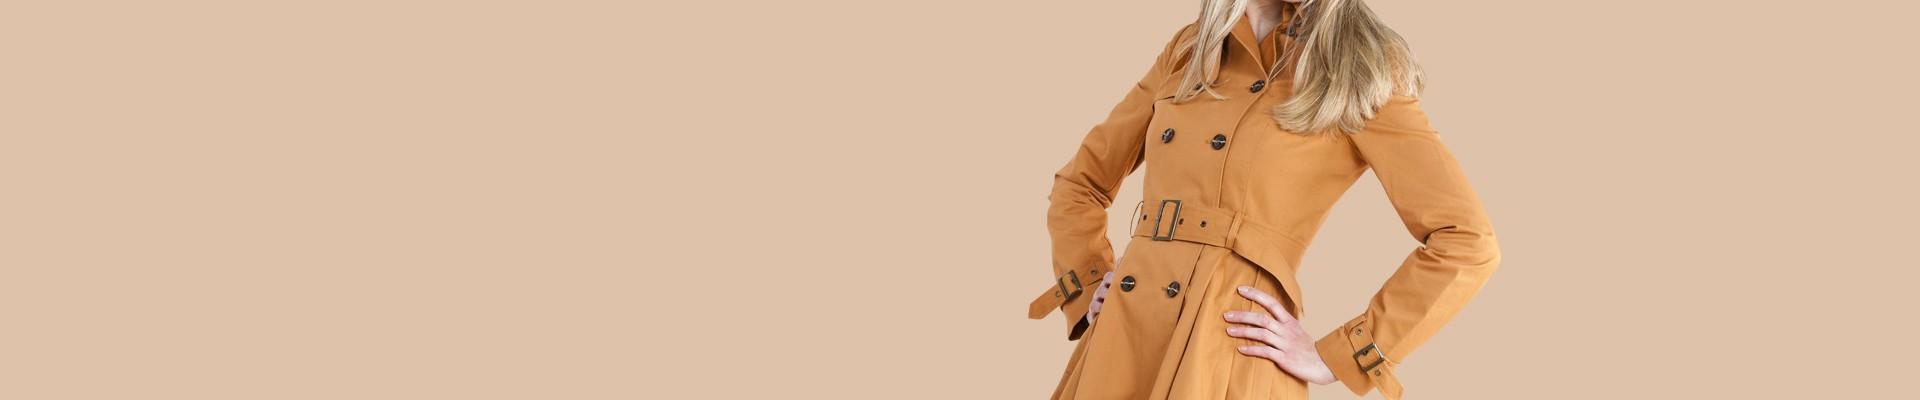 Jual Coat Wanita Online - Beli Coat Model Terbaru